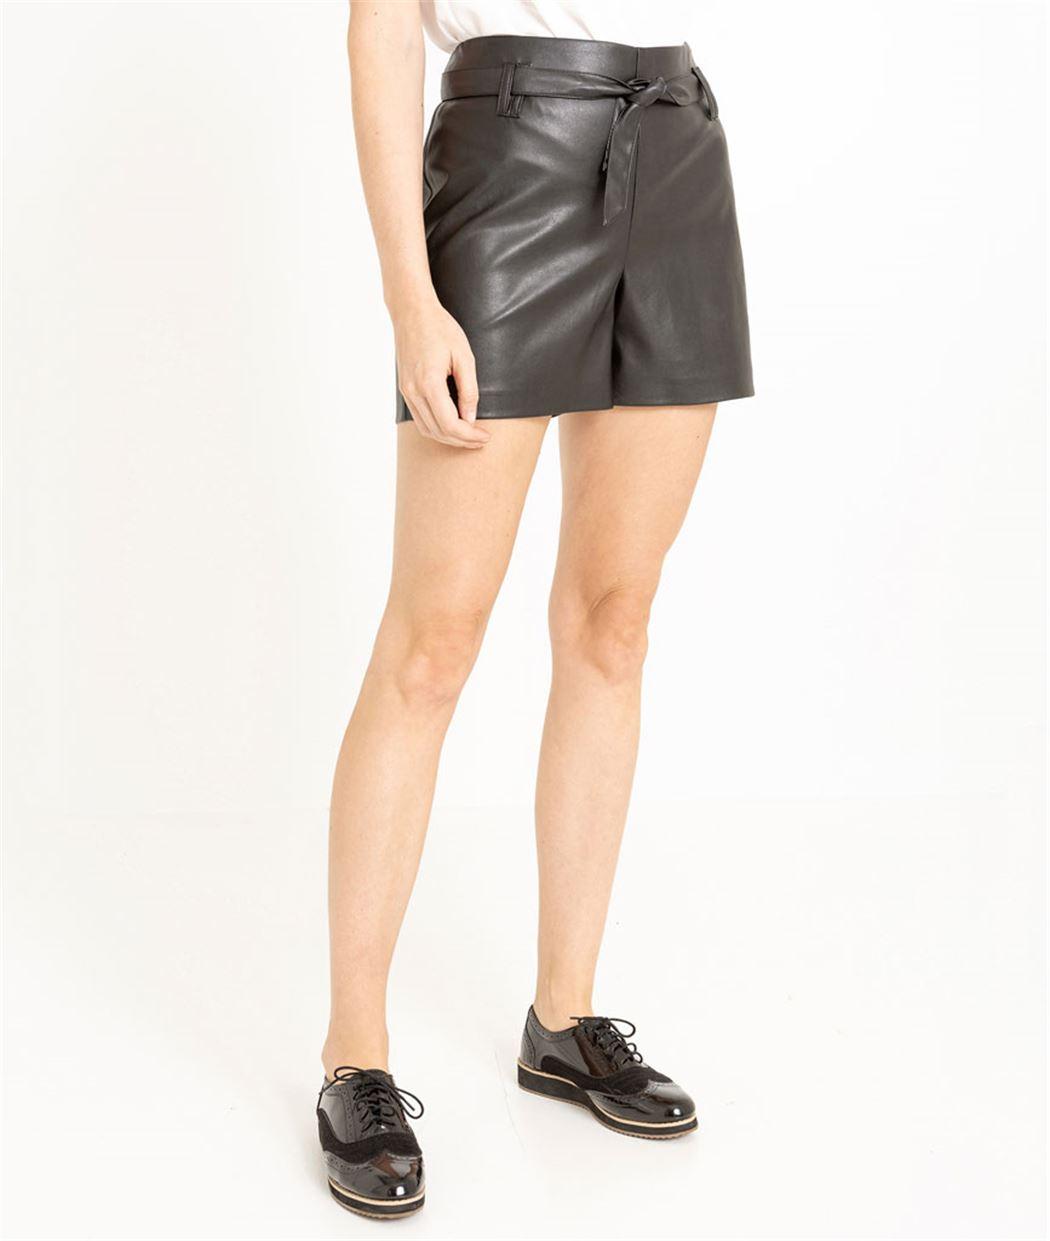 Short femme effet cuir noir et ceinture NOIR